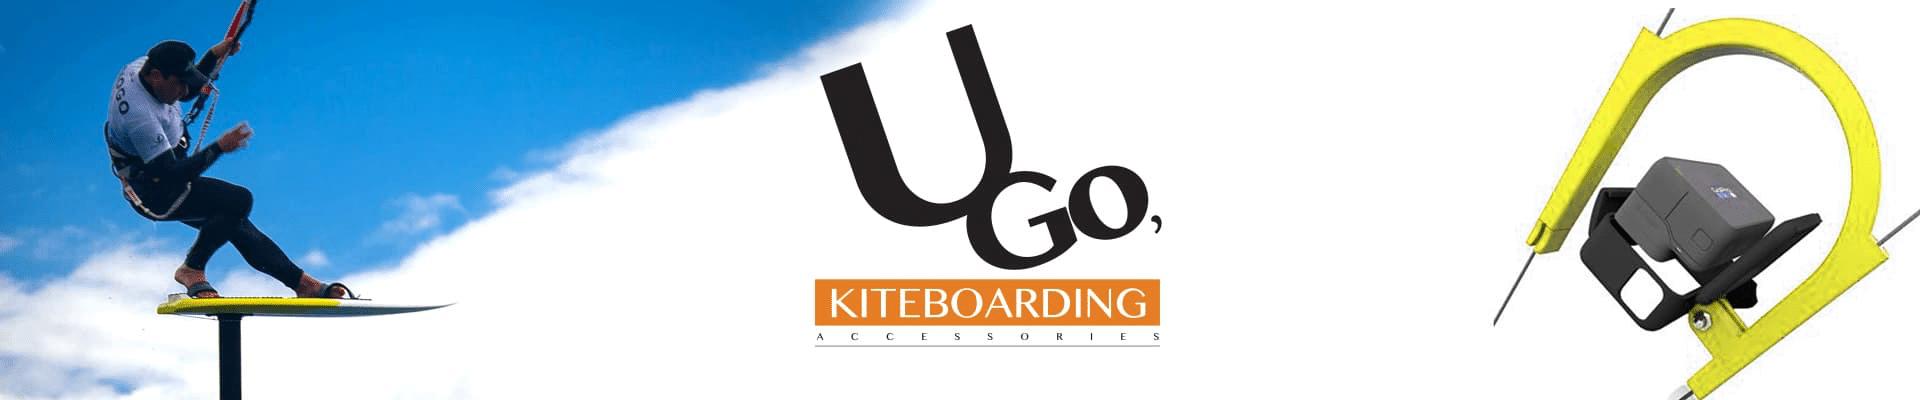 Banner Ugo Kite FKSS 2020 - Home